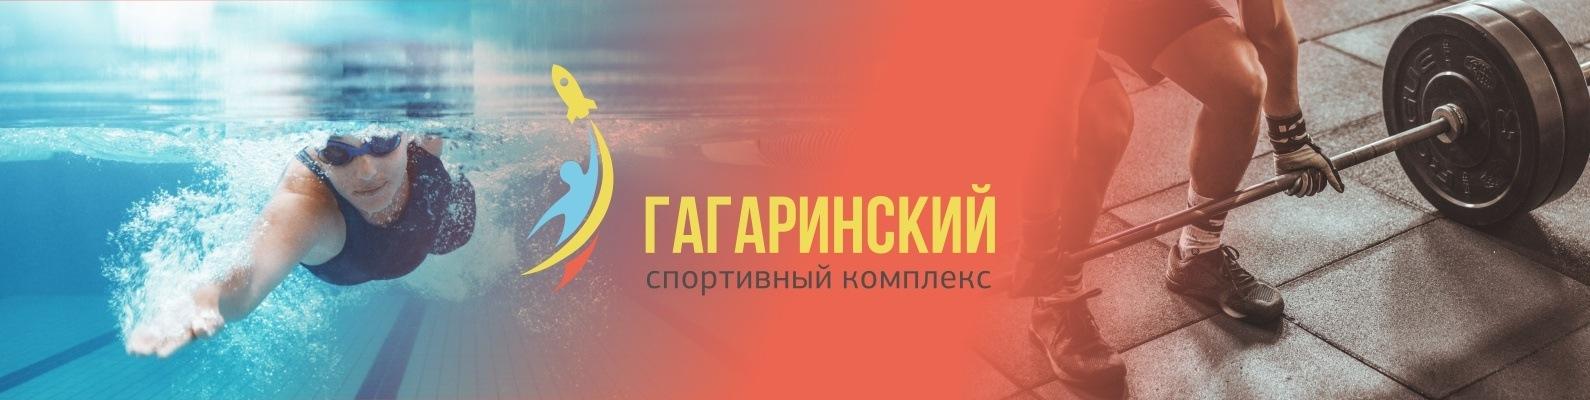 СК Гагаринский. Бассейн. Мыс. Тюмень. | ВКонтакте